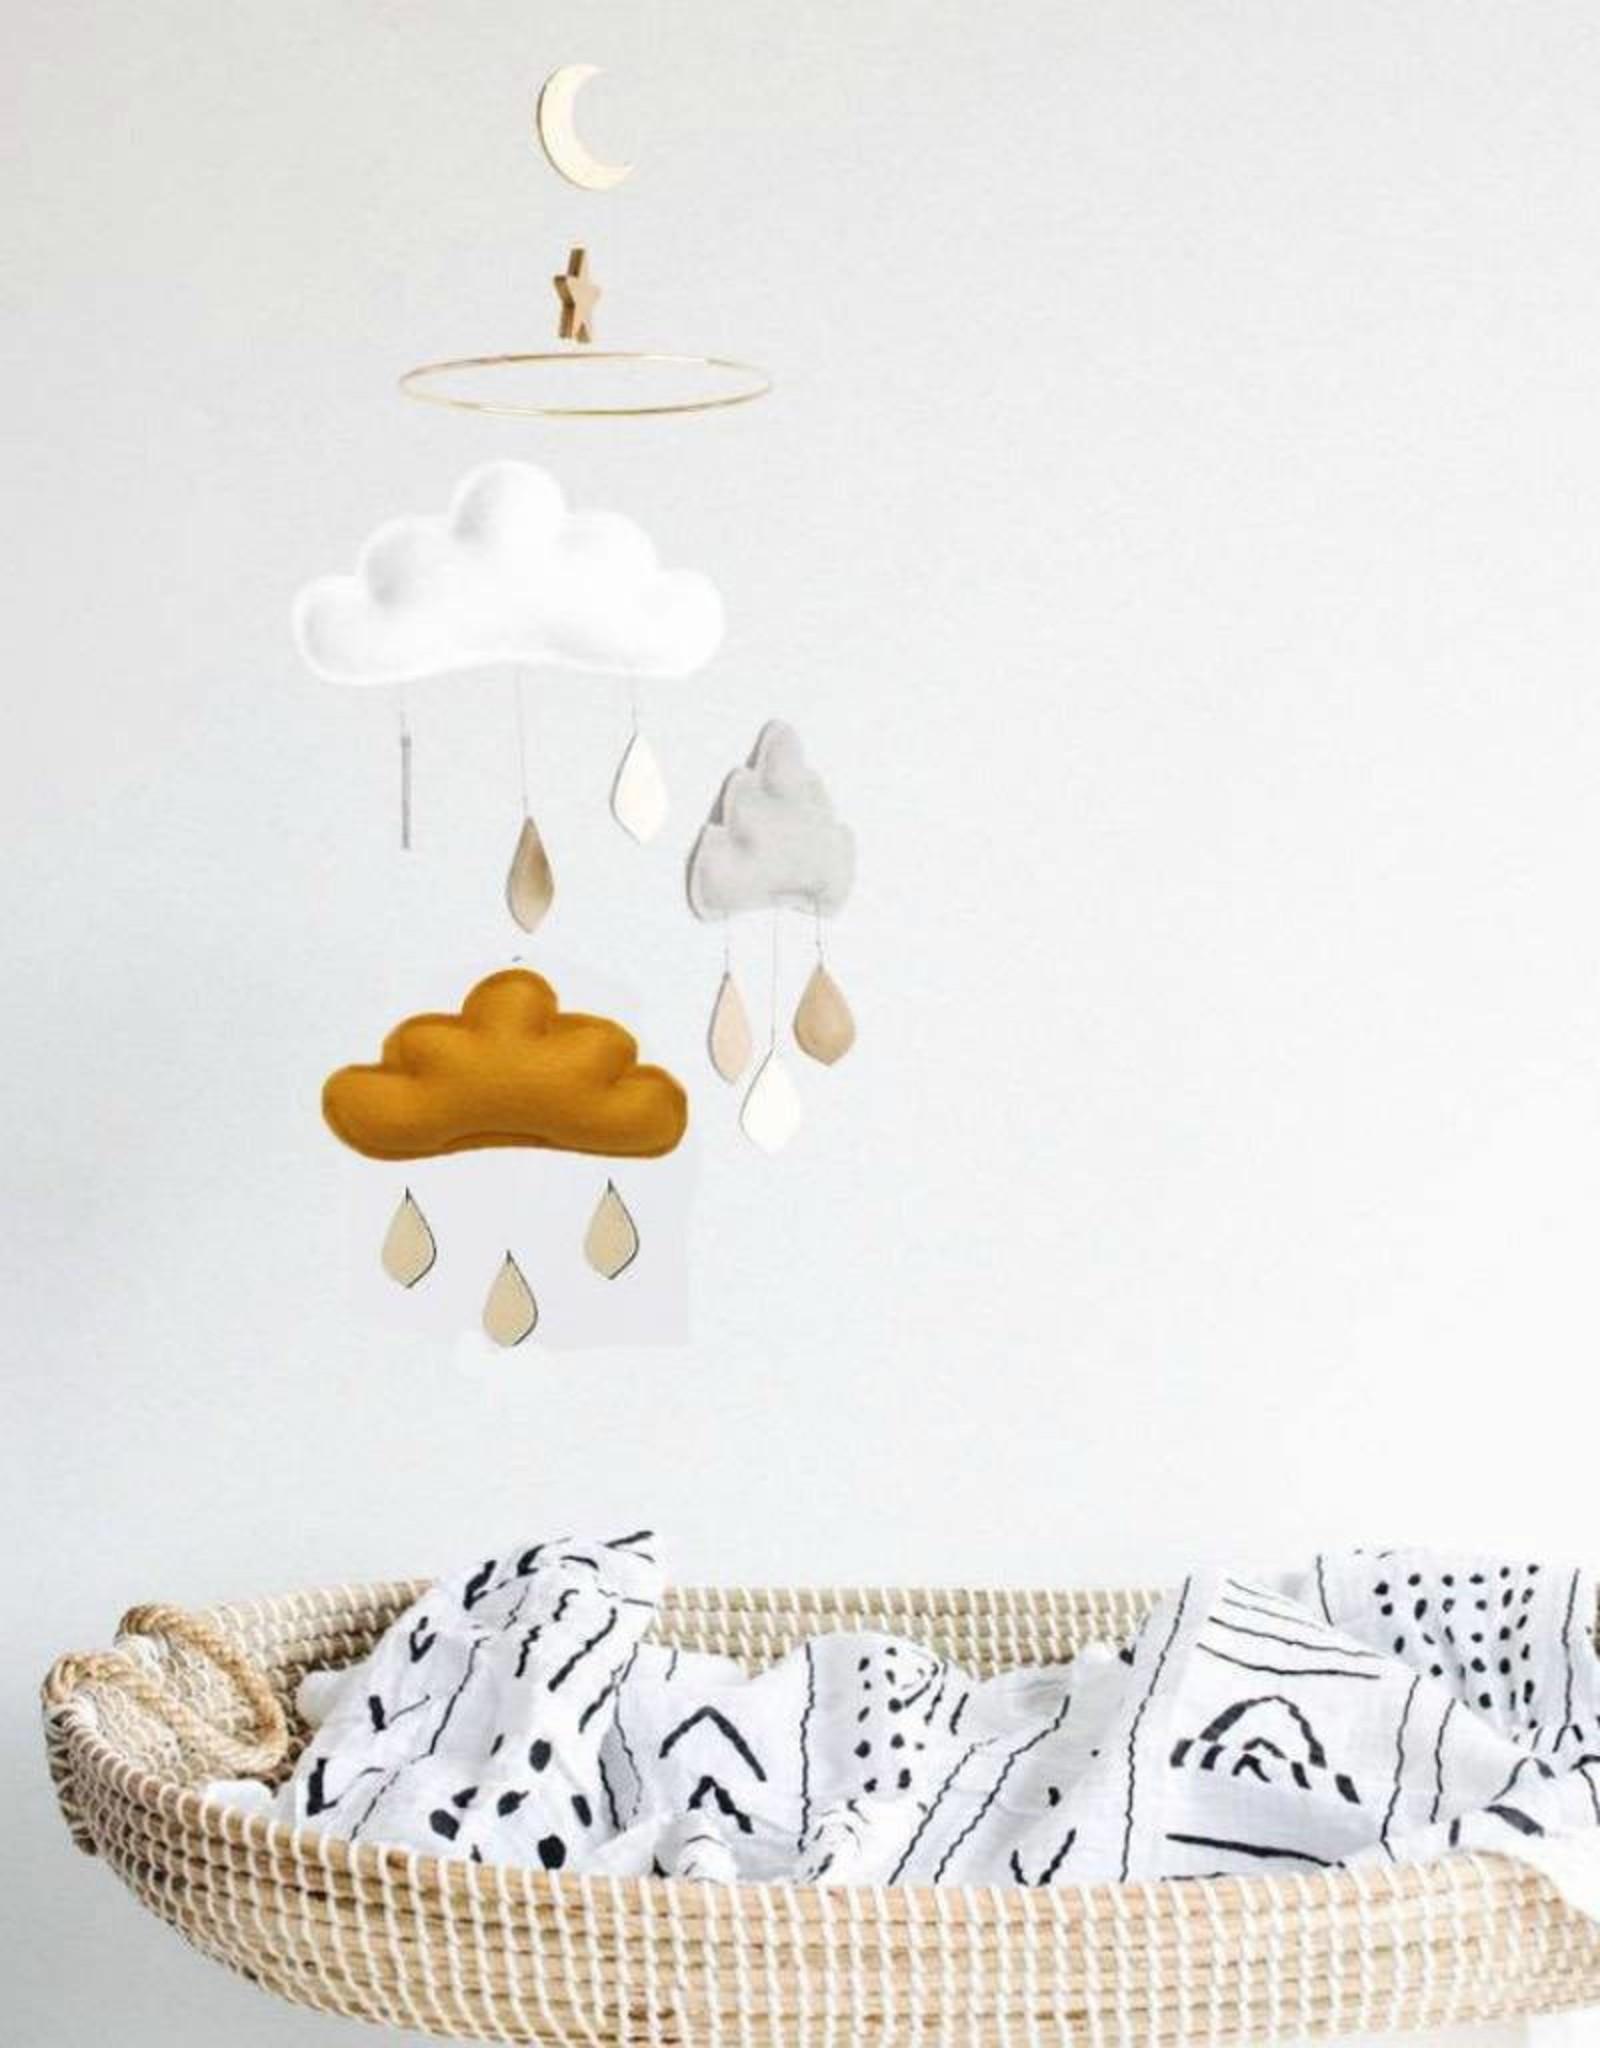 The Butter Flying Mobile nuages et gouttes de pluie - Ocre Paris